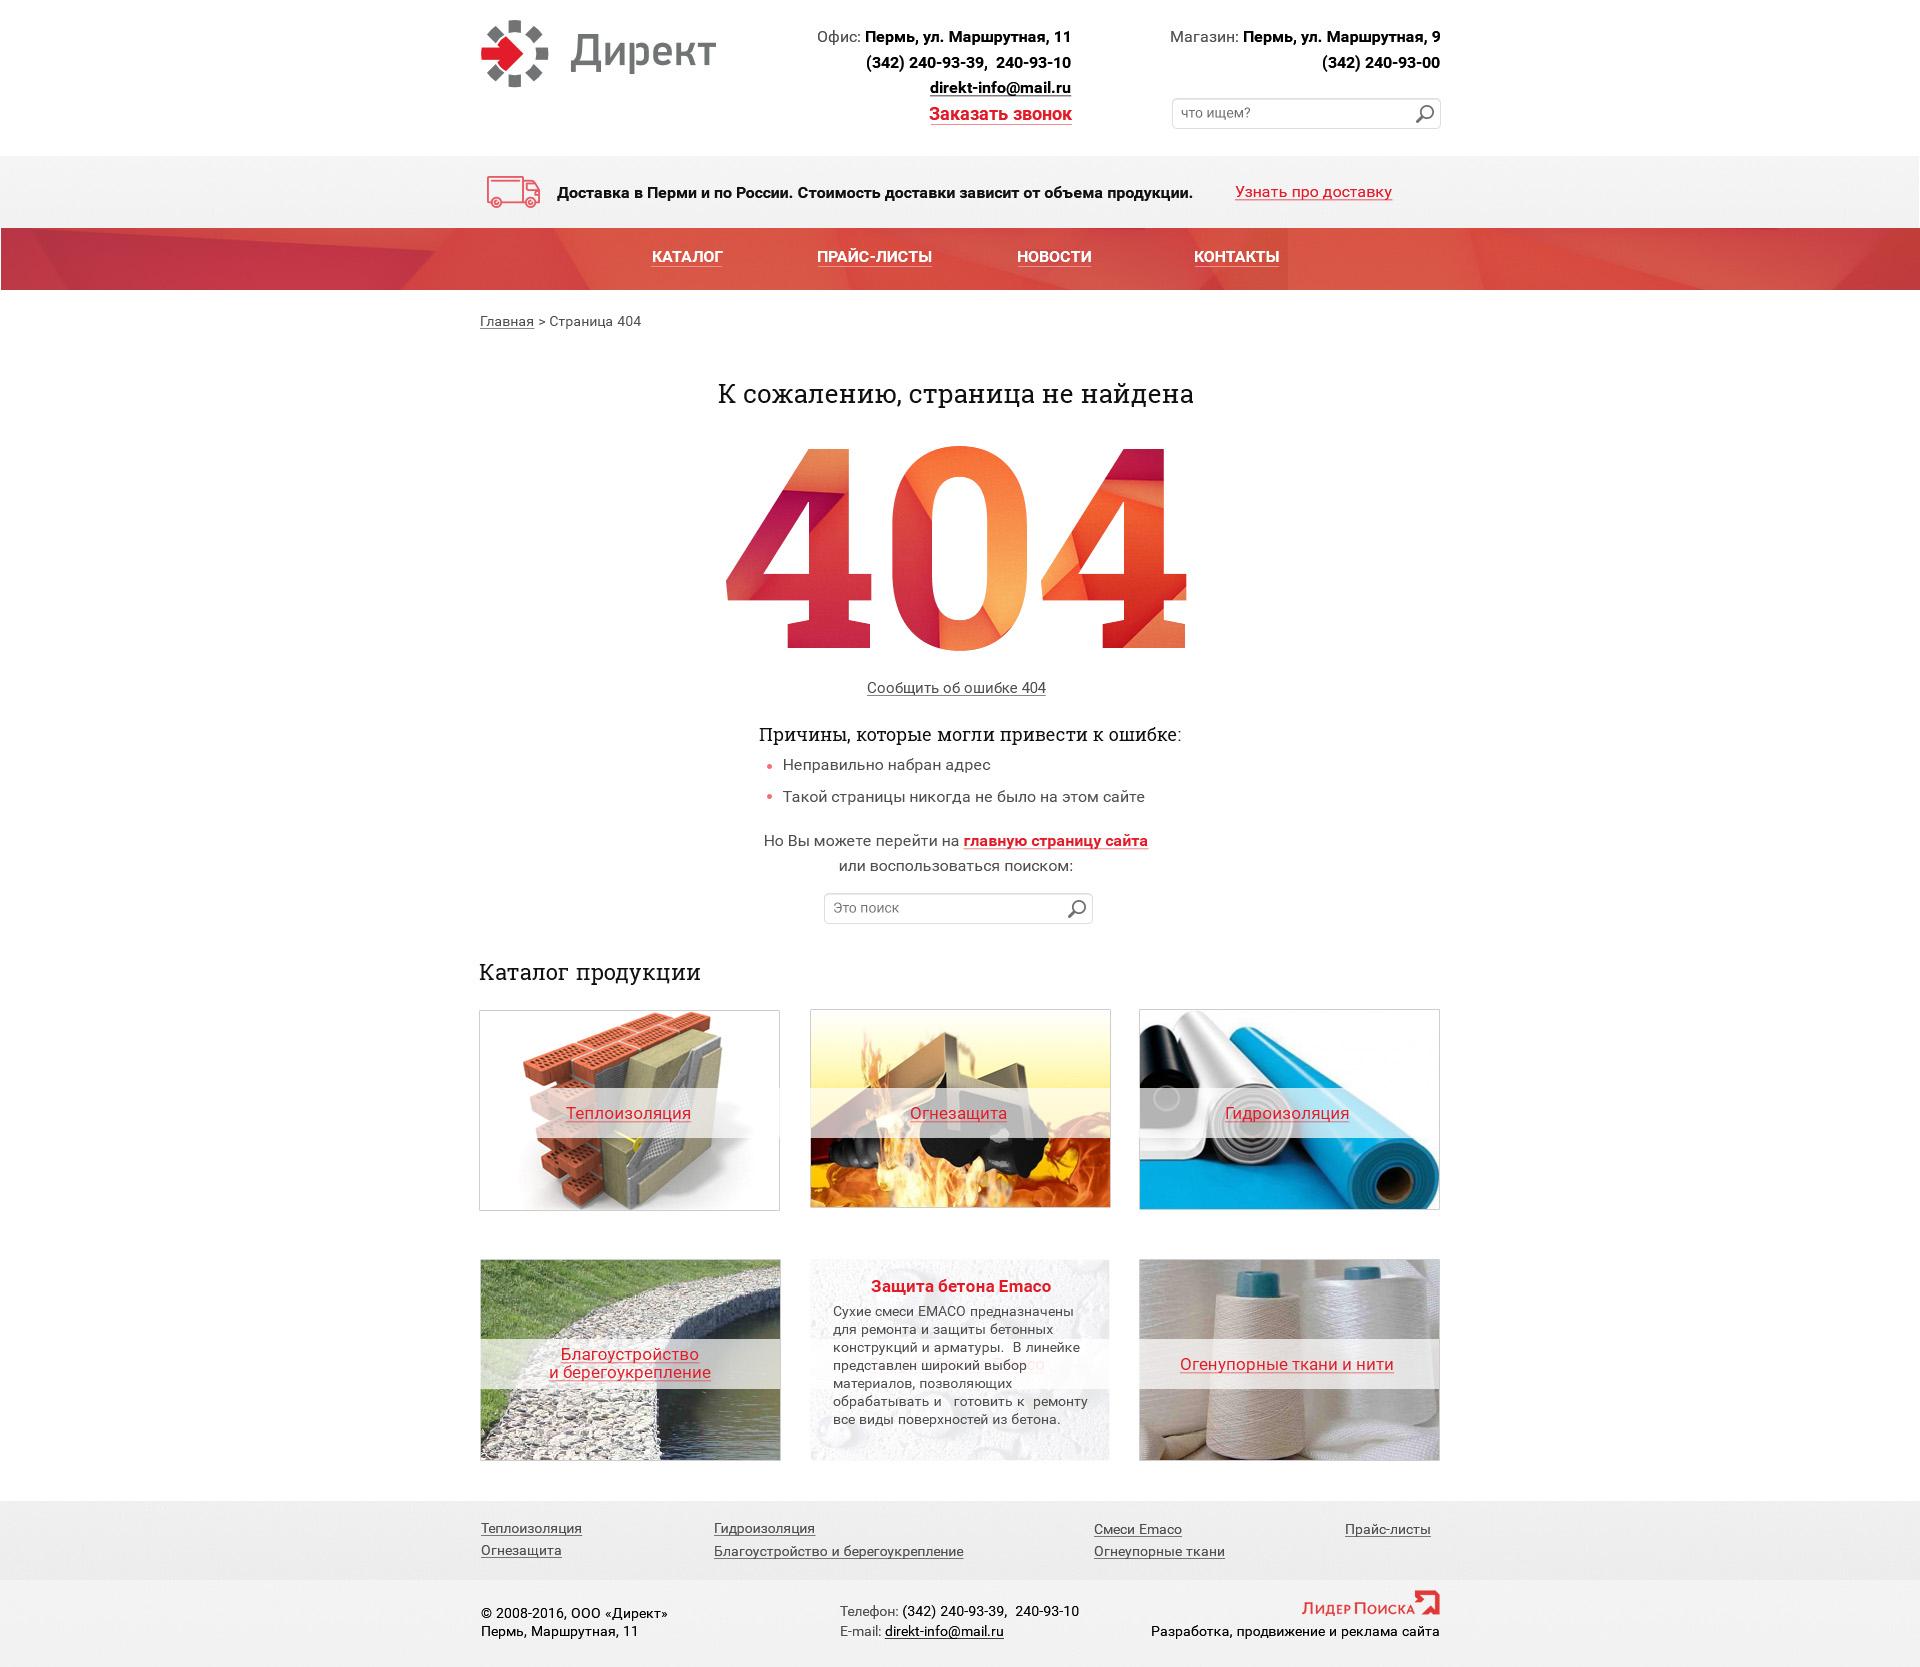 Еще один вариант предложения отправить отчет о 404 ошибке